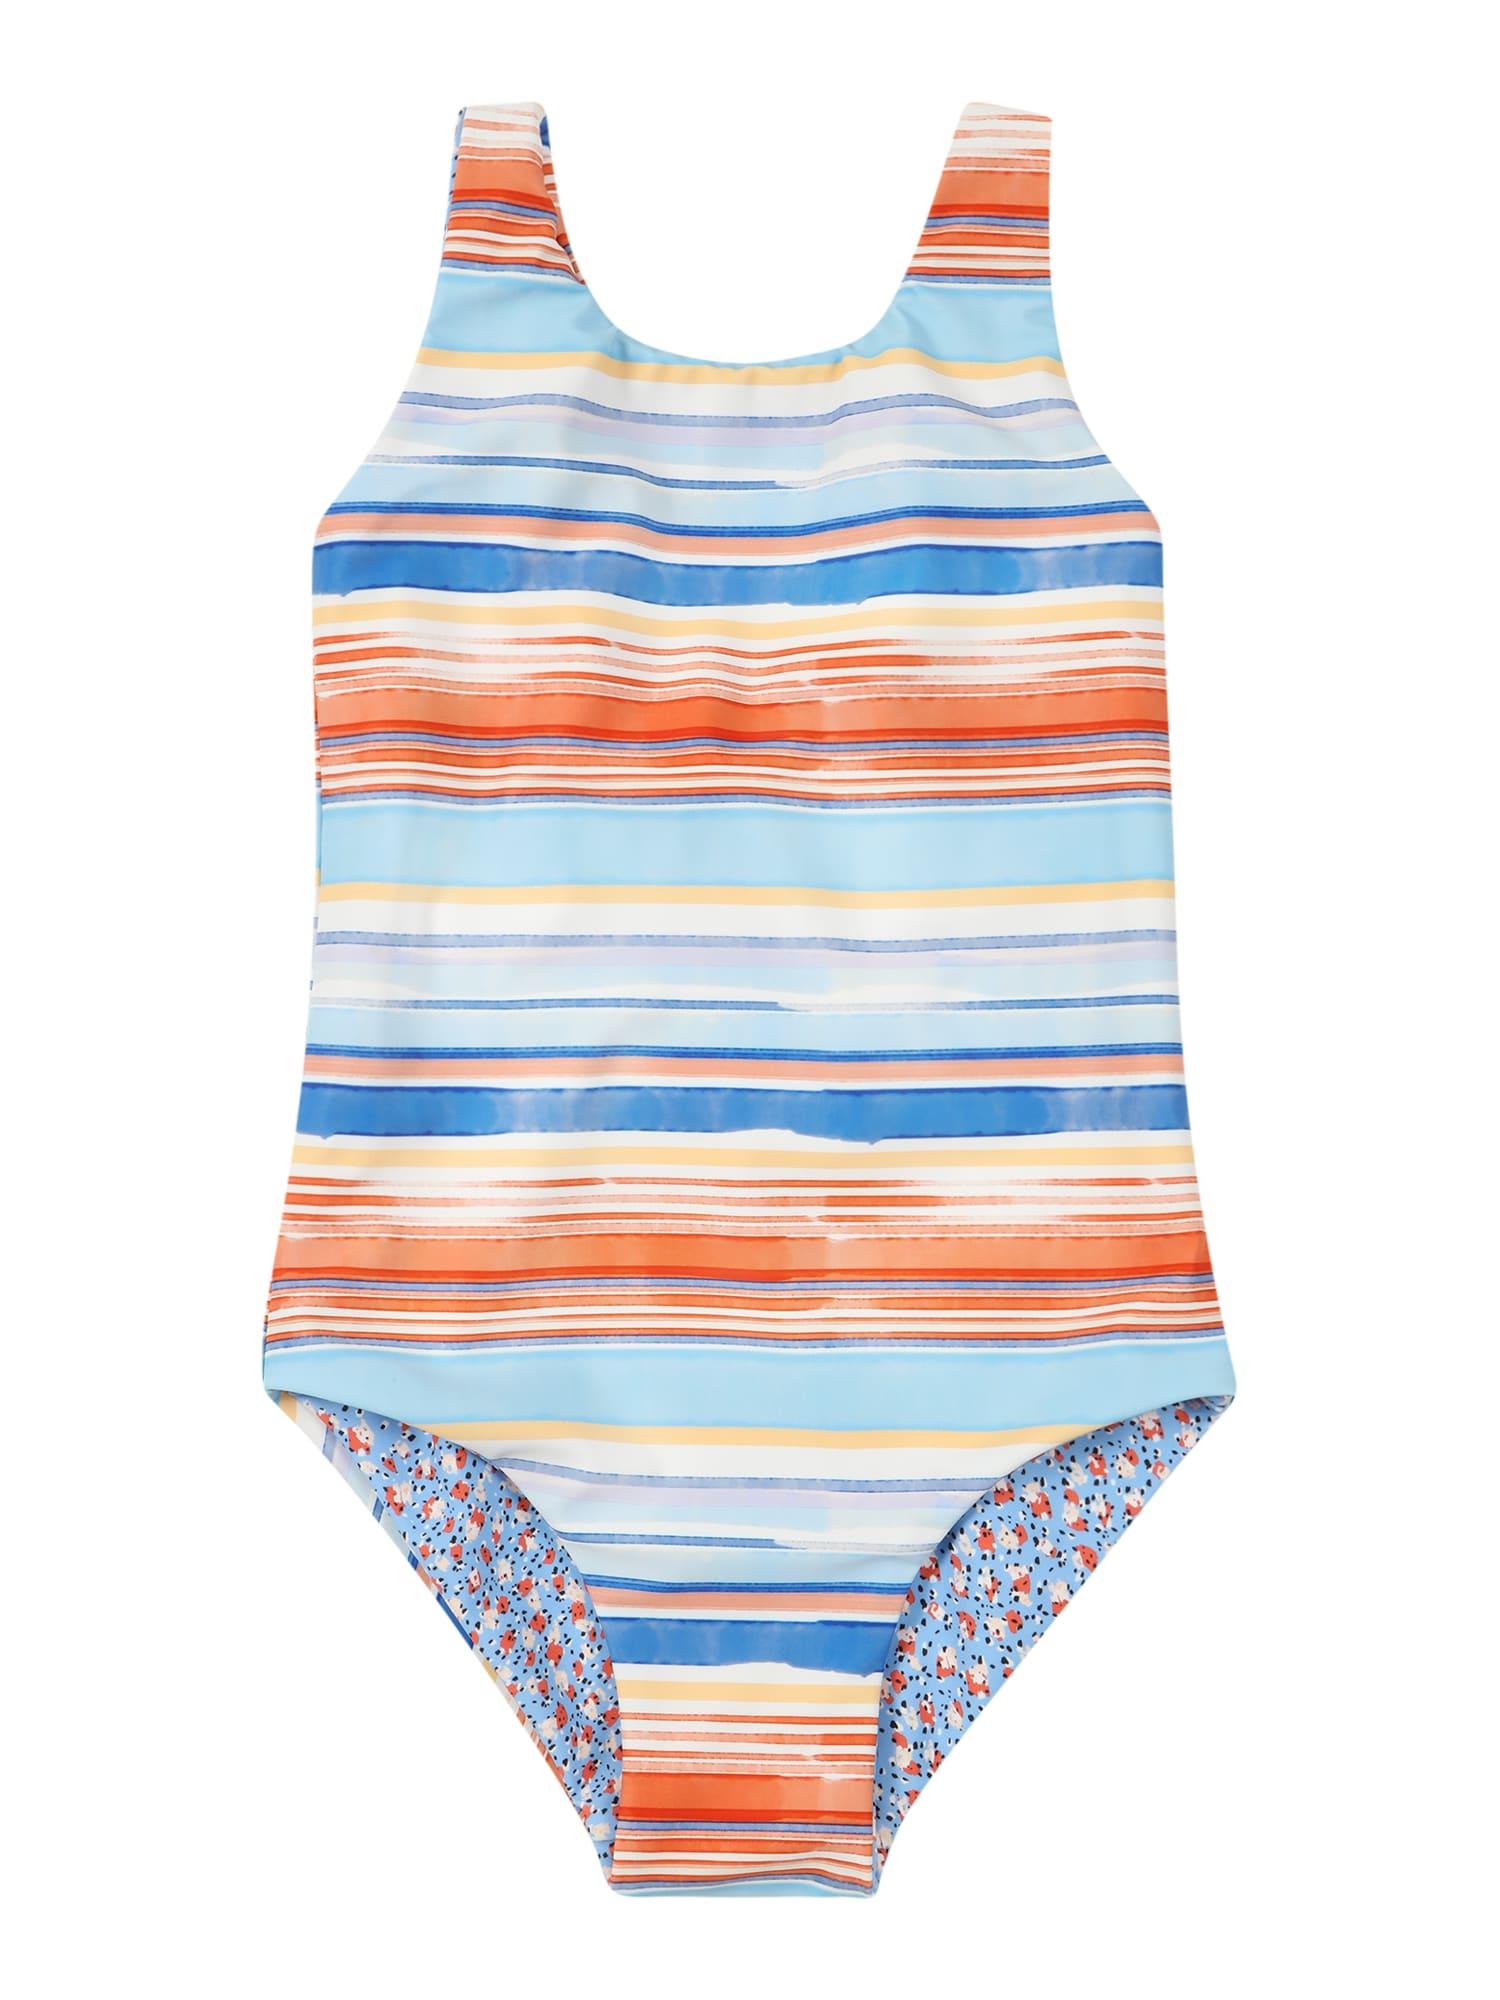 Seafolly Plavky  světlemodrá / nebeská modř / žlutá / bílá / tmavě oranžová